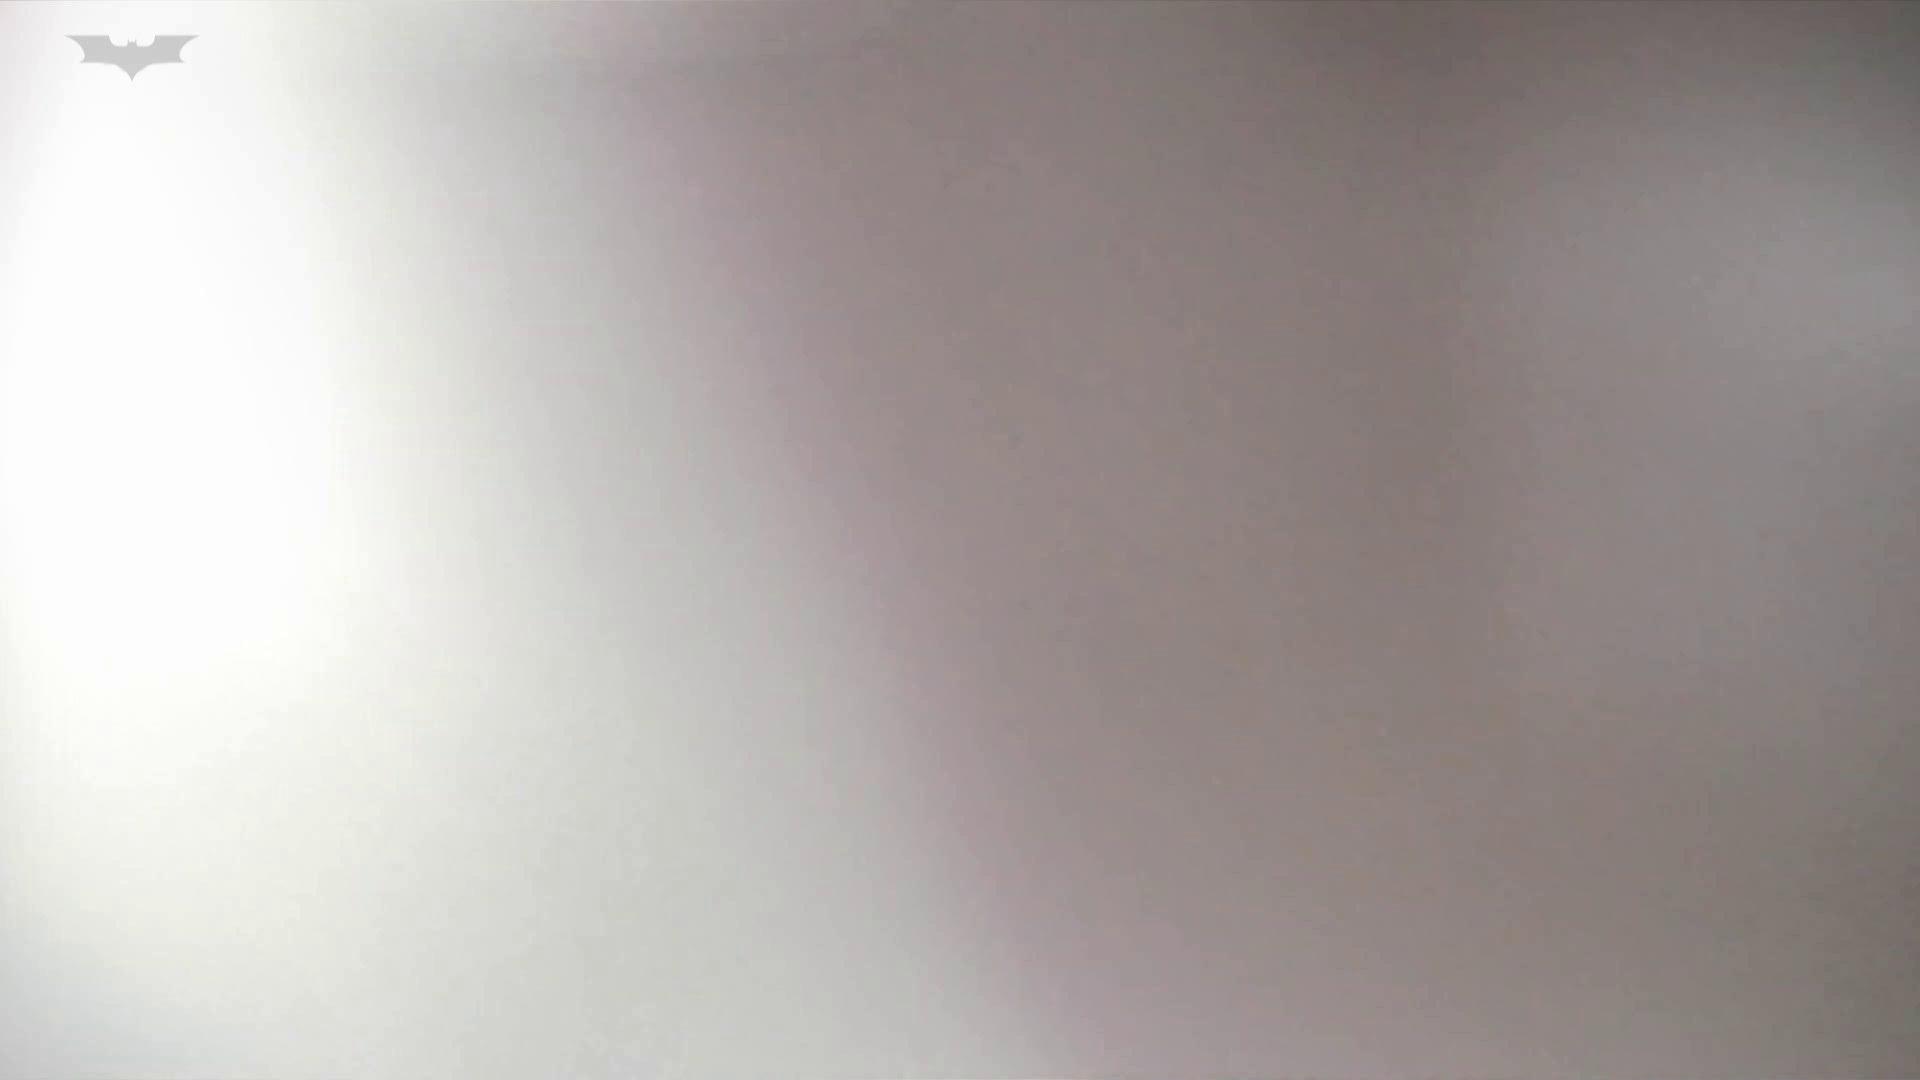 お銀 vol.74 典型的な韓国人美女登場!! OL   洗面所着替え  78連発 6